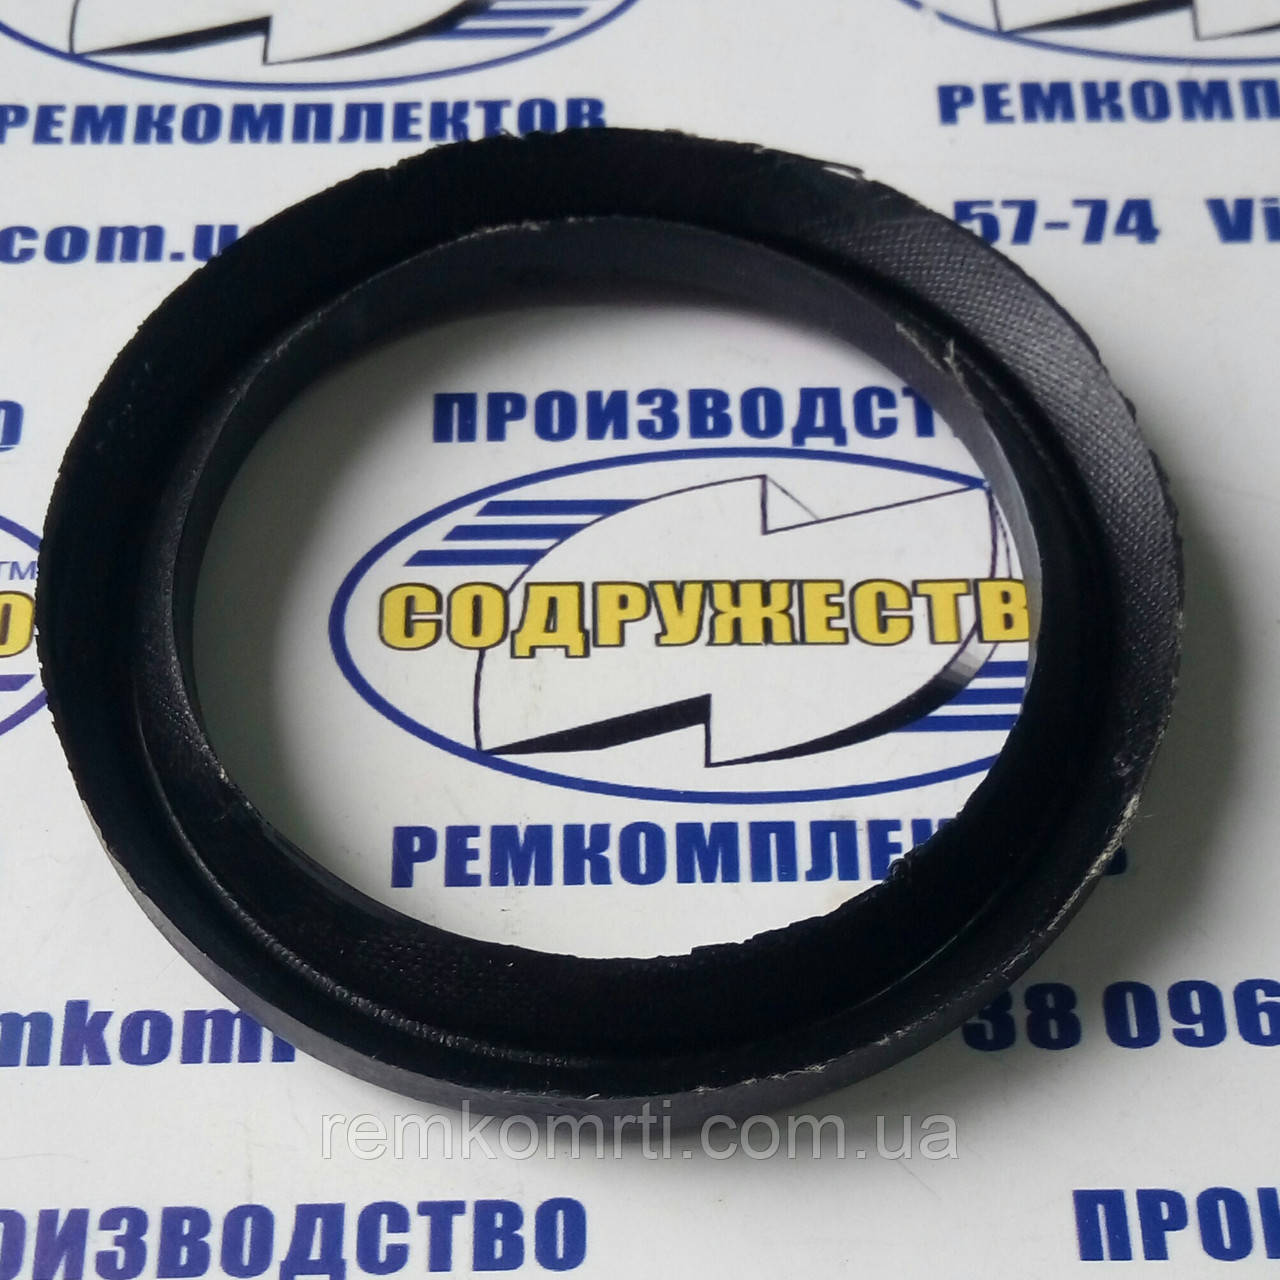 Манжета шевронна (МШ) 110 х 90 резиноткань